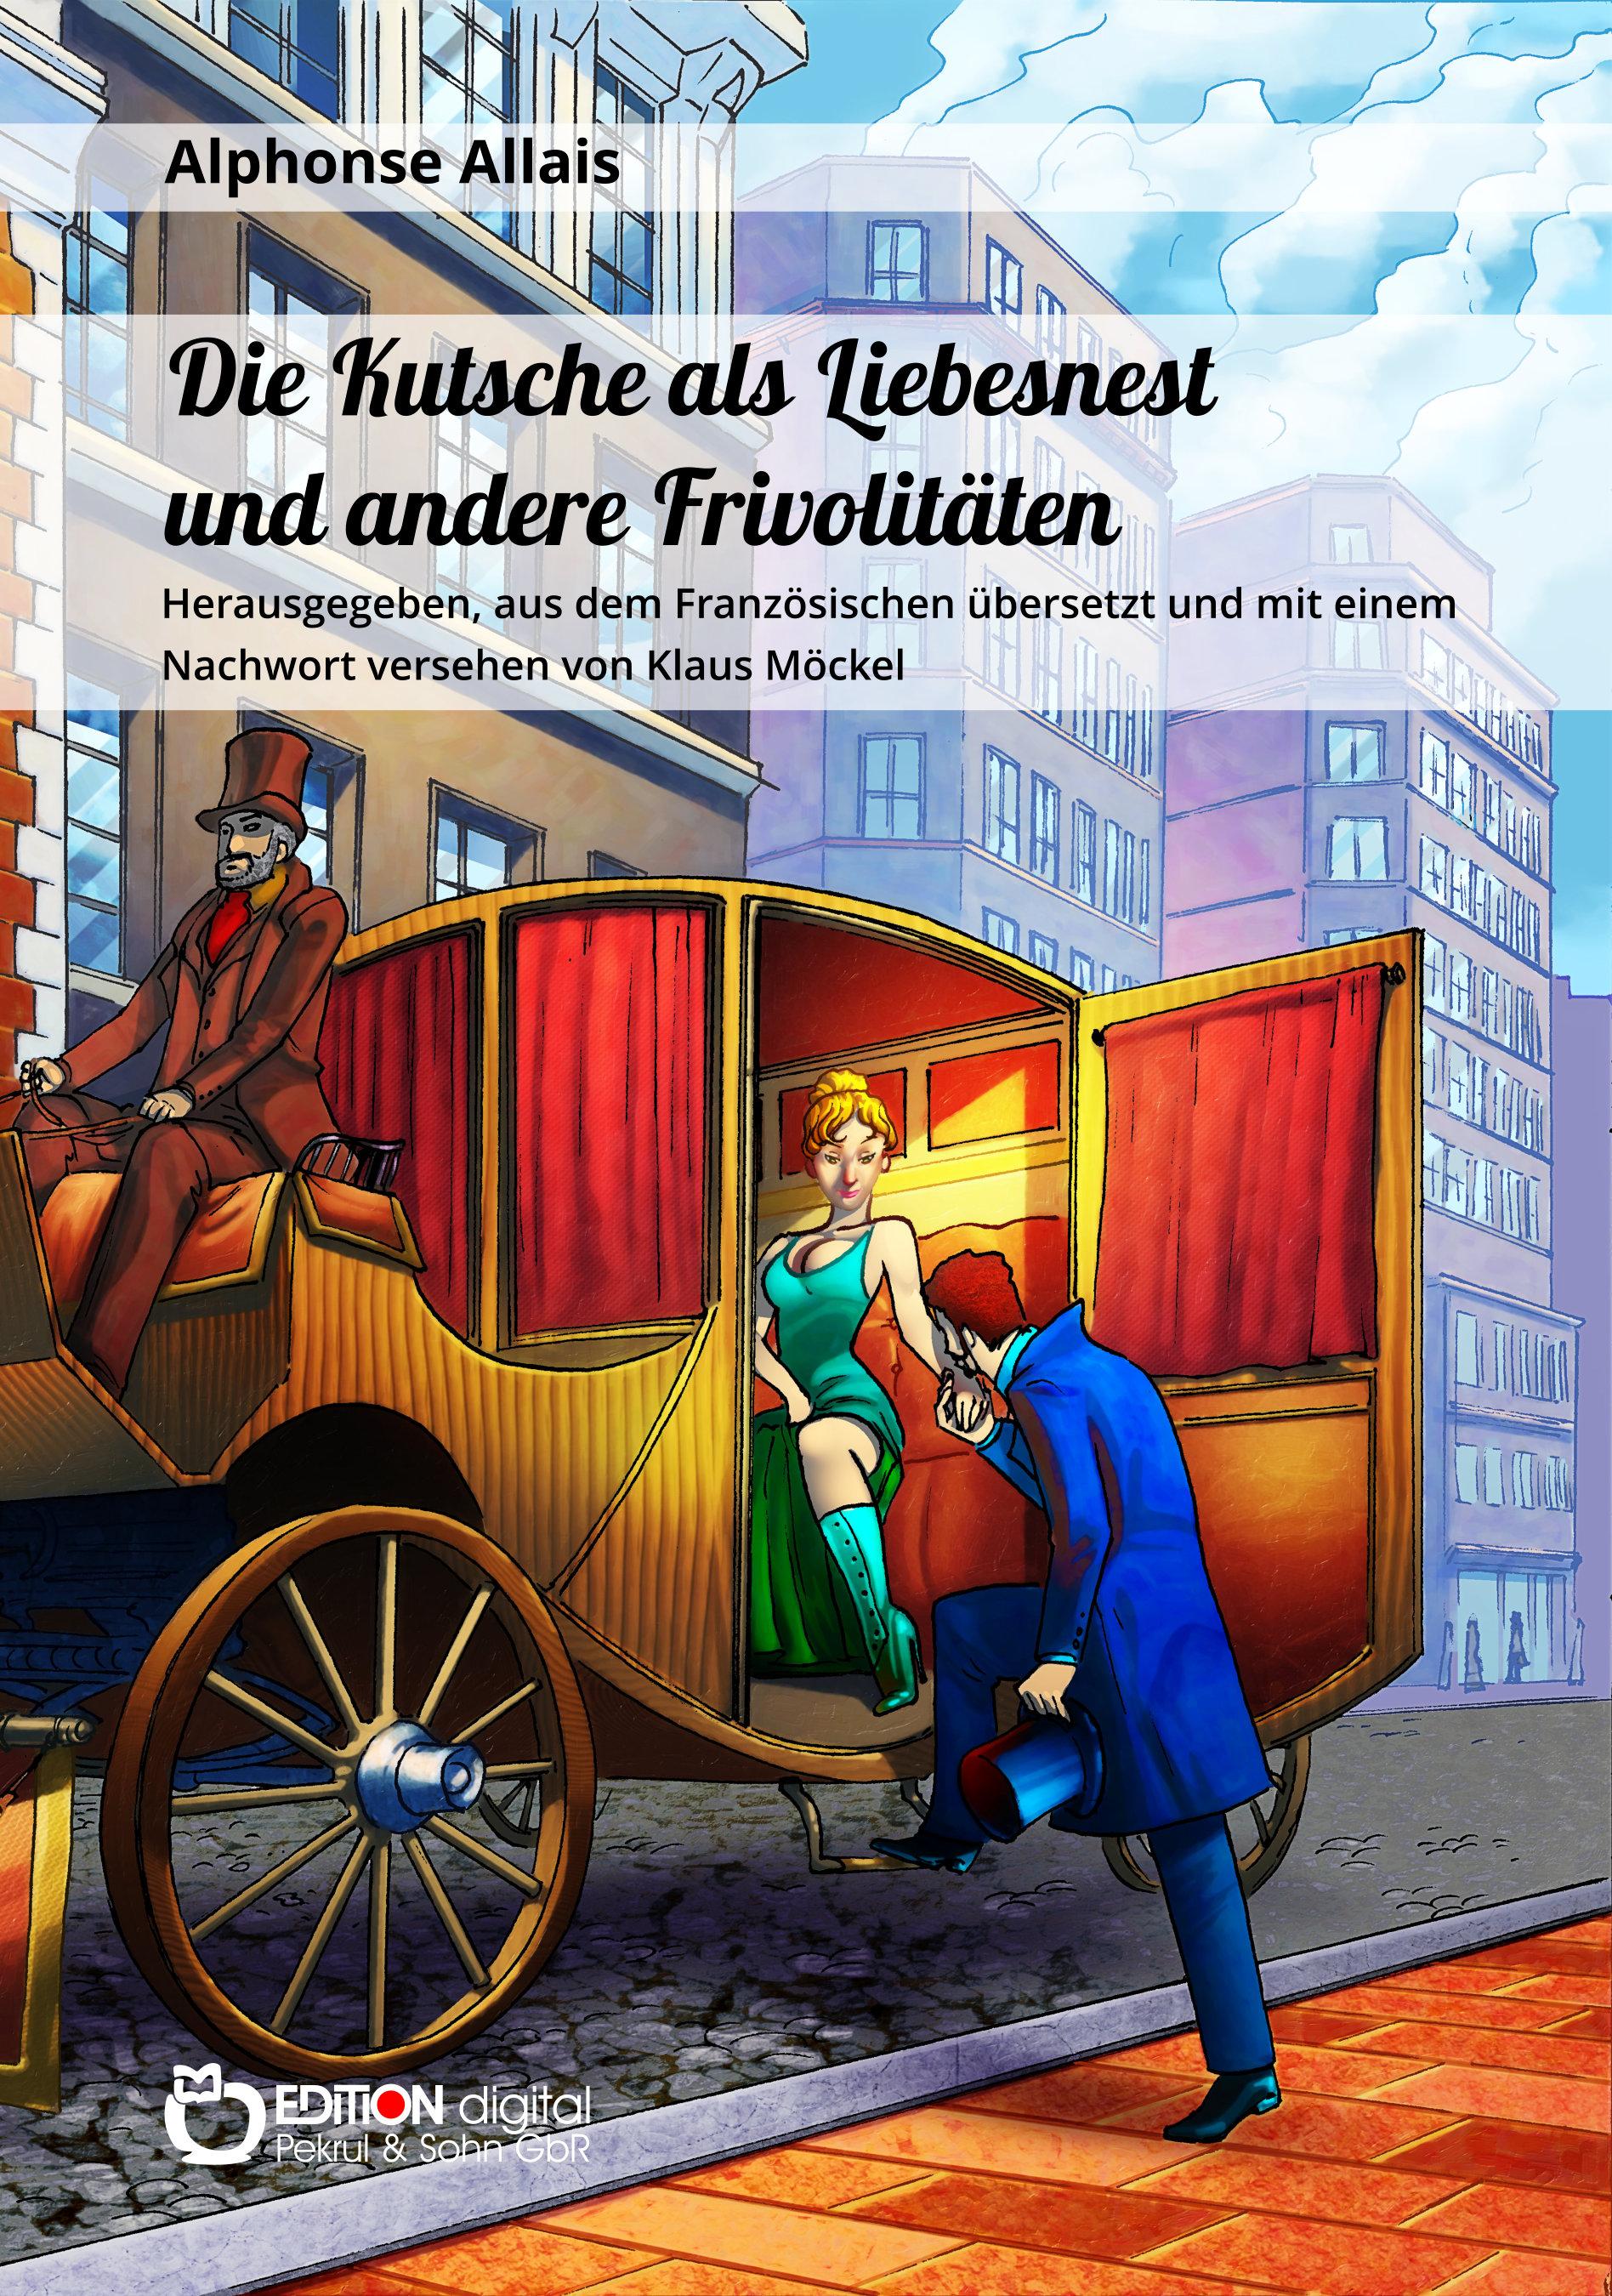 Die Kutsche als Liebesnest und andere Frivolitäten von Klaus Möckel, Alphonse Allais